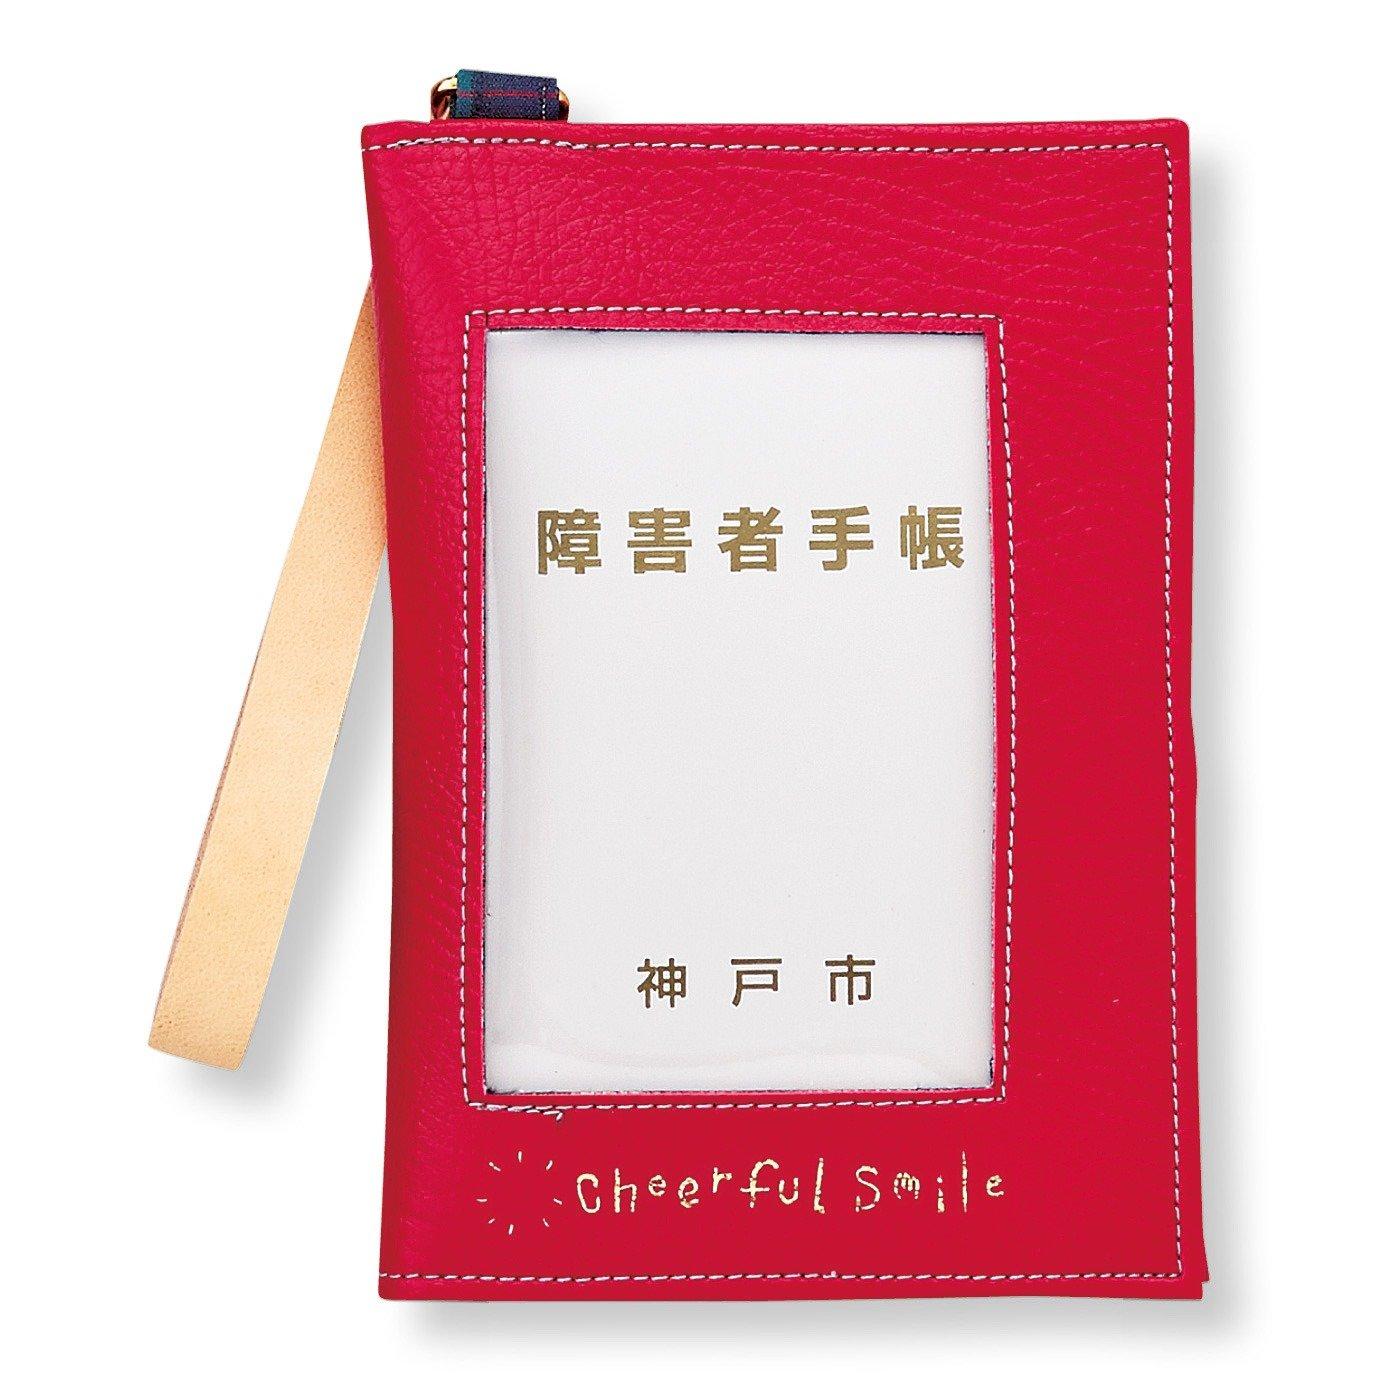 チャレンジド・クリエイティブ・プロジェクト Cheerful Smile お出かけを便利に楽しく!両面窓の手帳ケース〈ポピーレッド〉